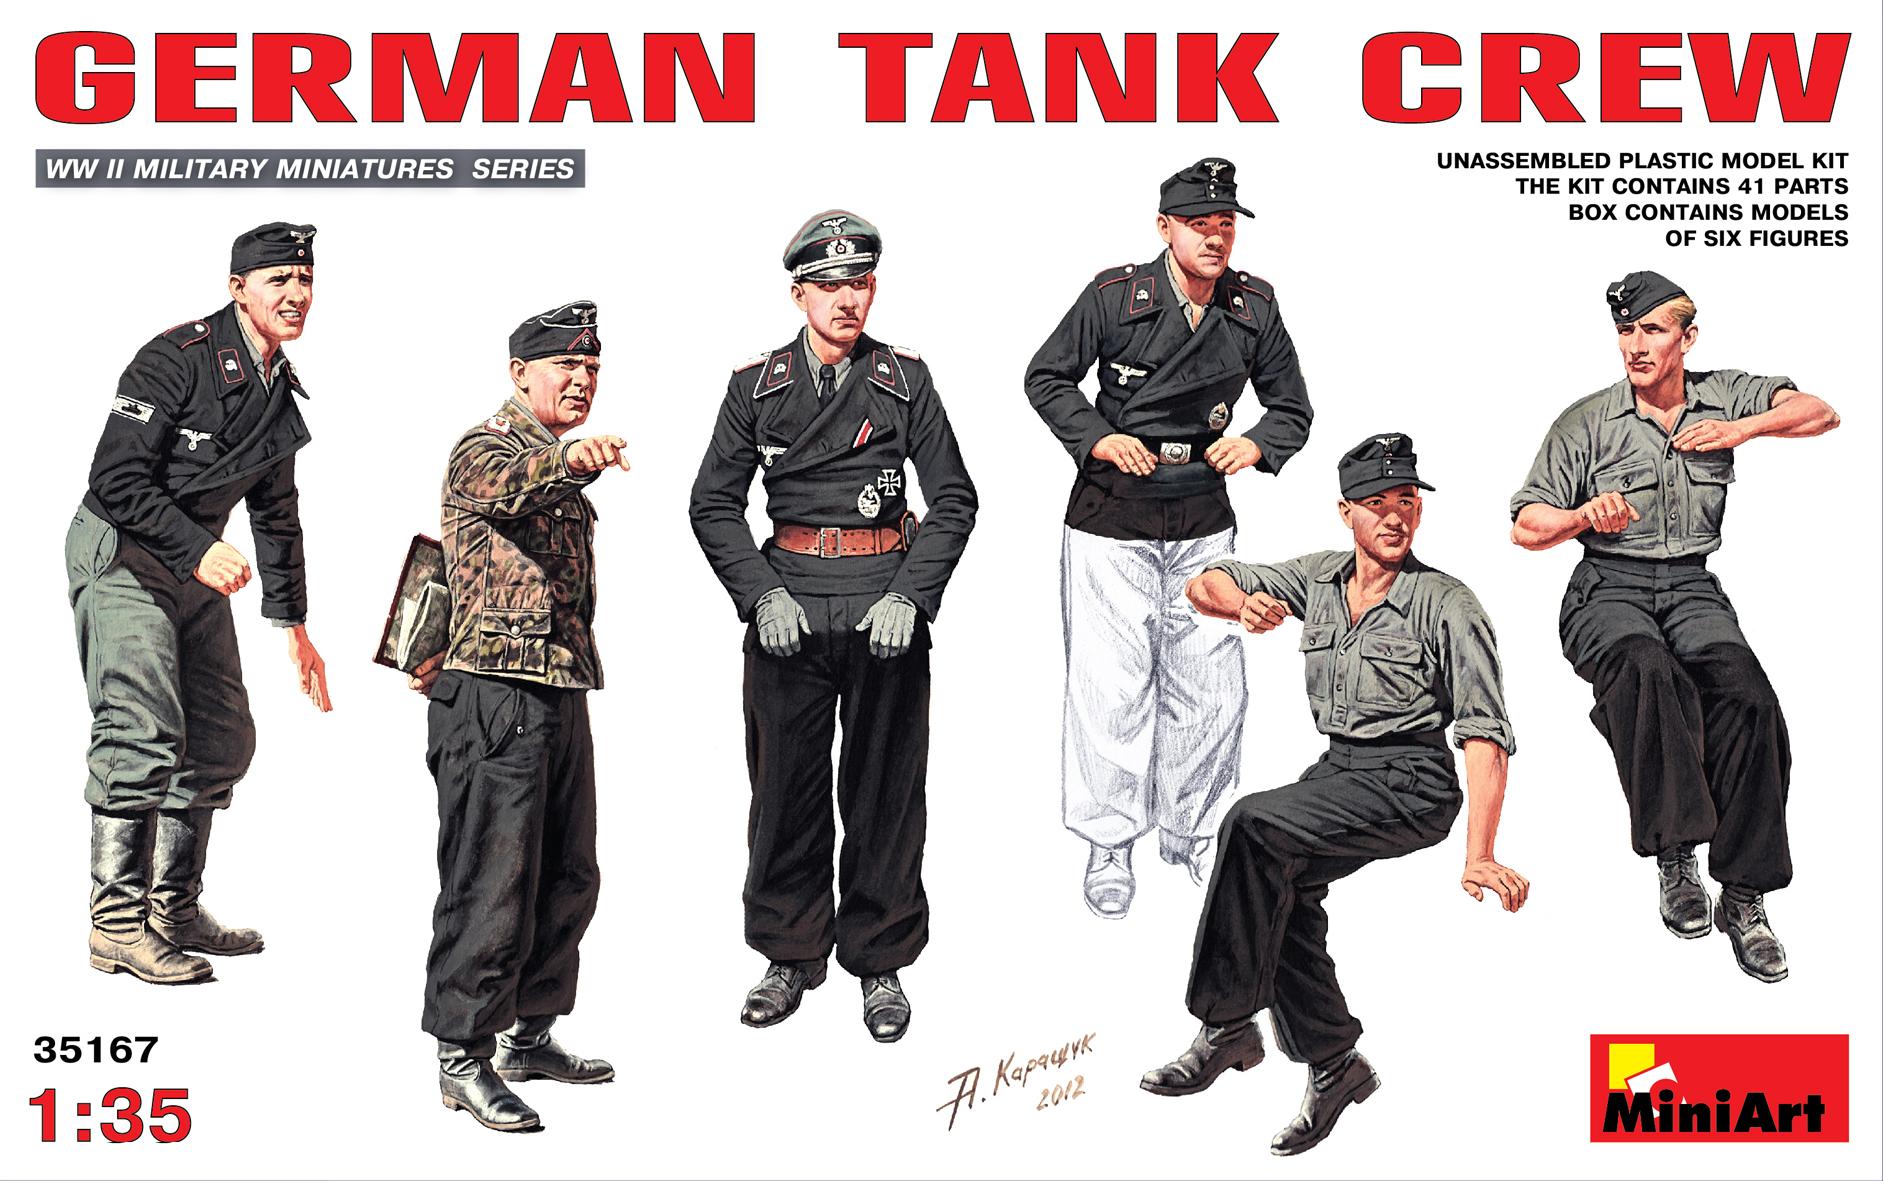 35167 GERMAN TANK CREW